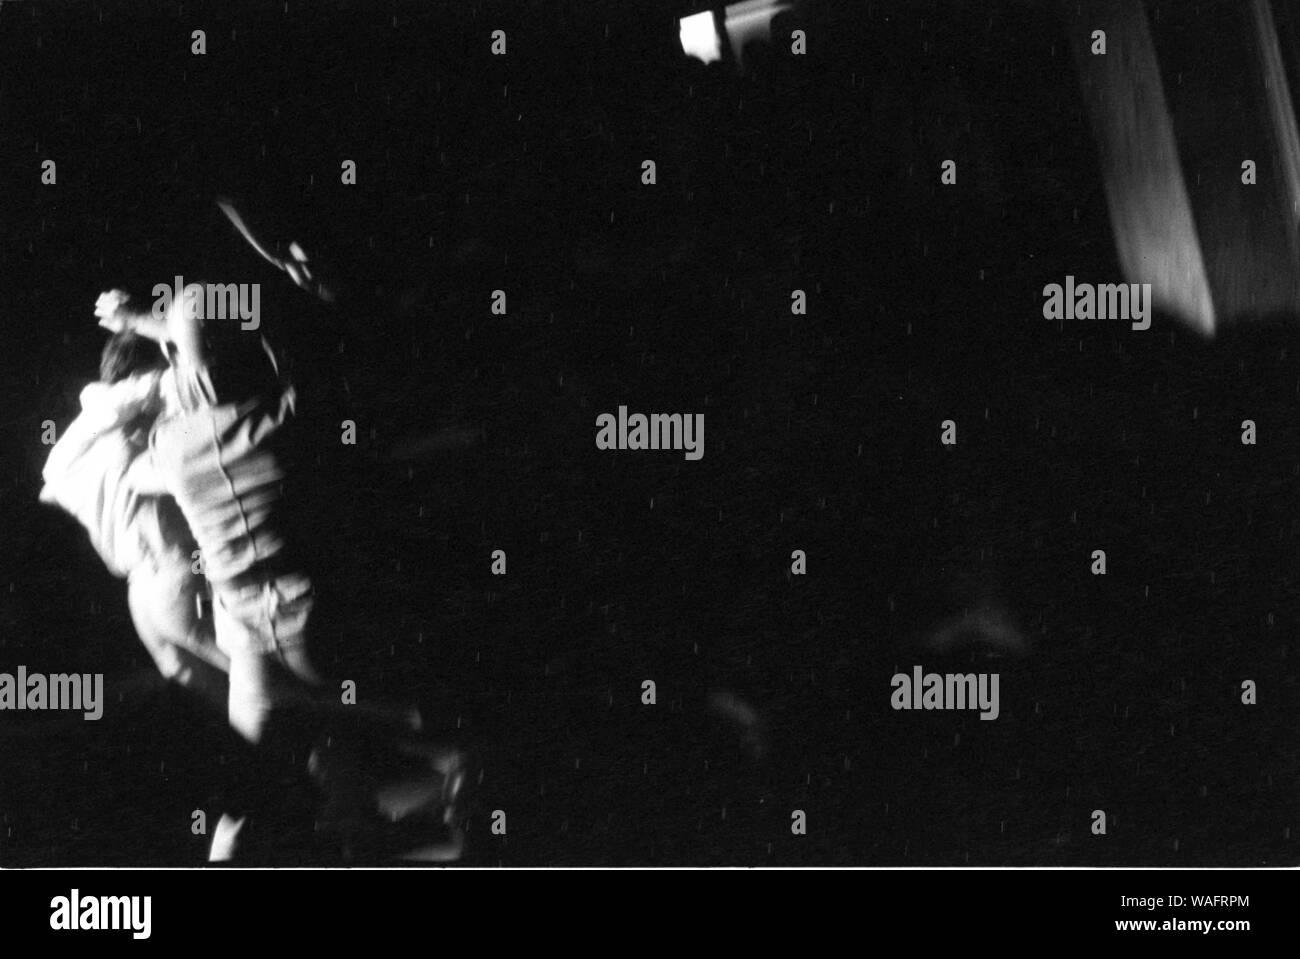 Cracovia, 18.05.1989. Manifestación estudiantil en la calle Dominikanska. KPN, NZS, WiP, lucha contra la millitary ZOMO y unidades. Un agente de Zomo late un estudiante. Fot. Andrzej Stawiarski / FORO Foto de stock